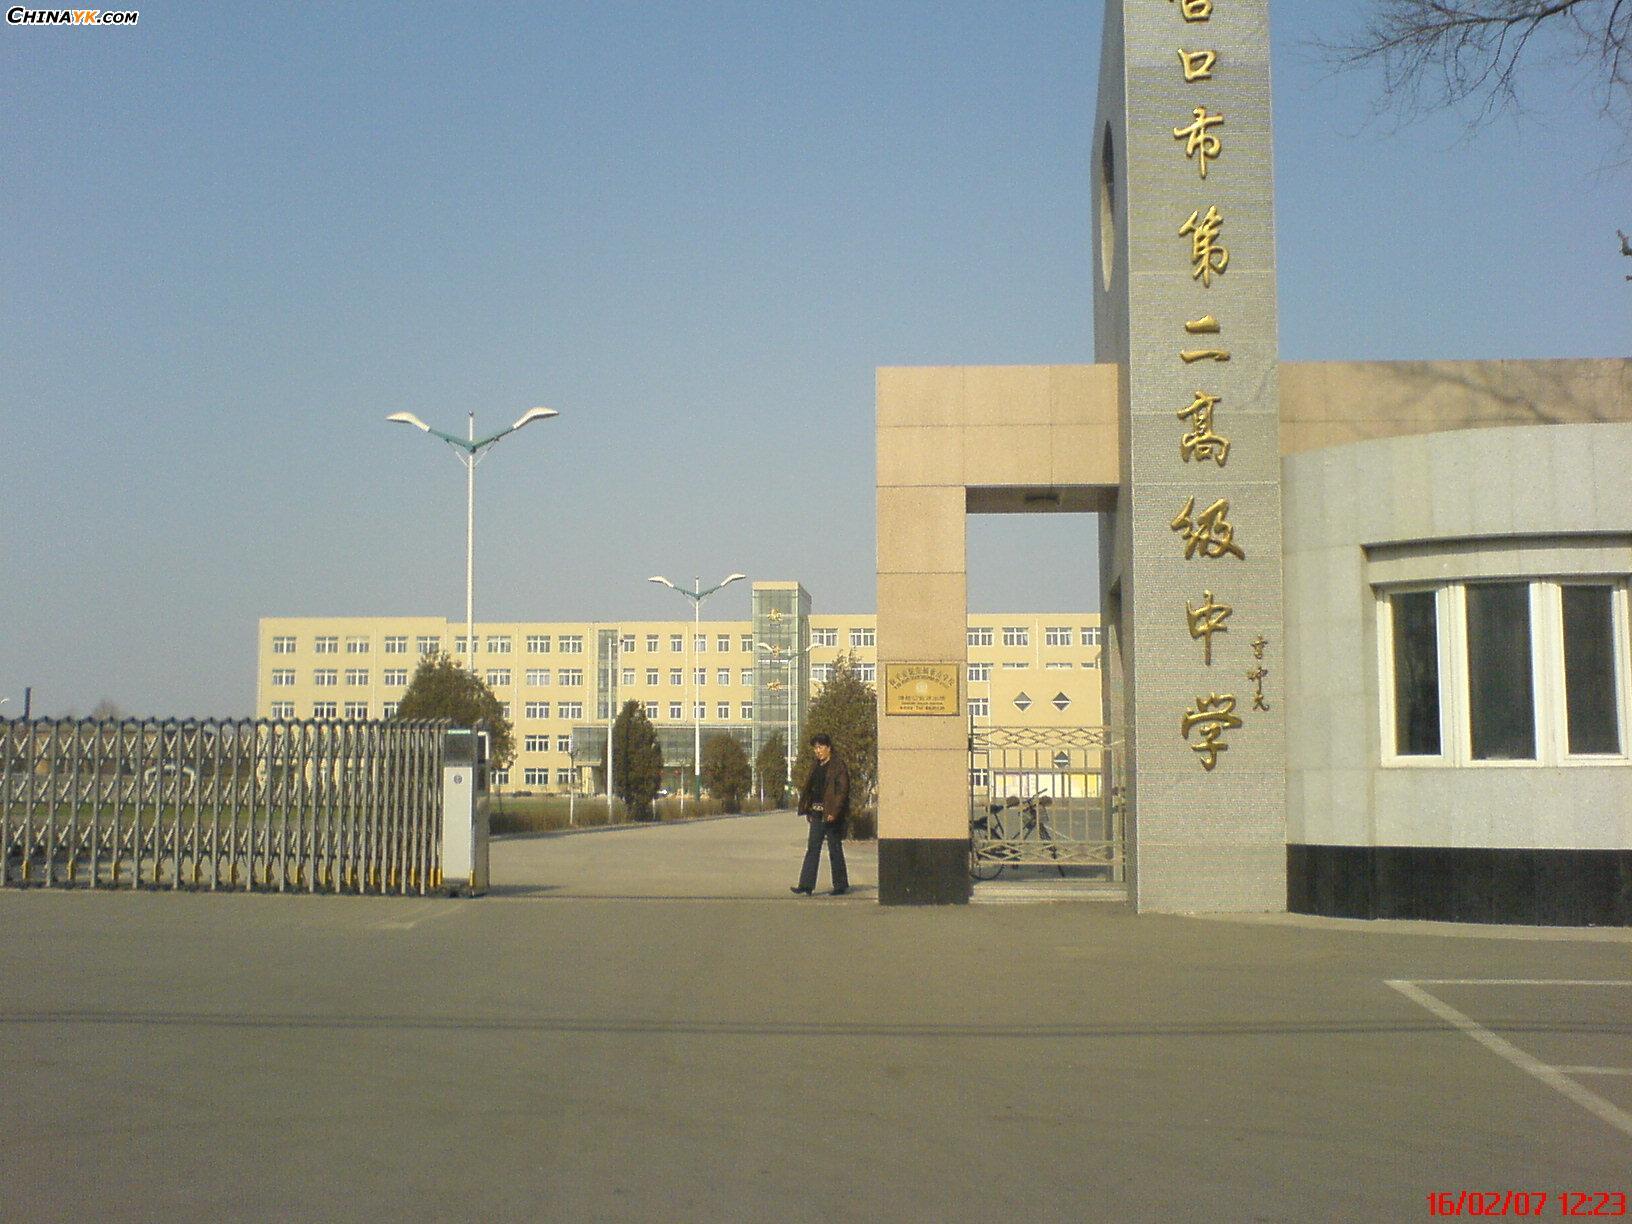 辽宁省营口市第二高级中学辽宁省营口市第二高级中学校园环境